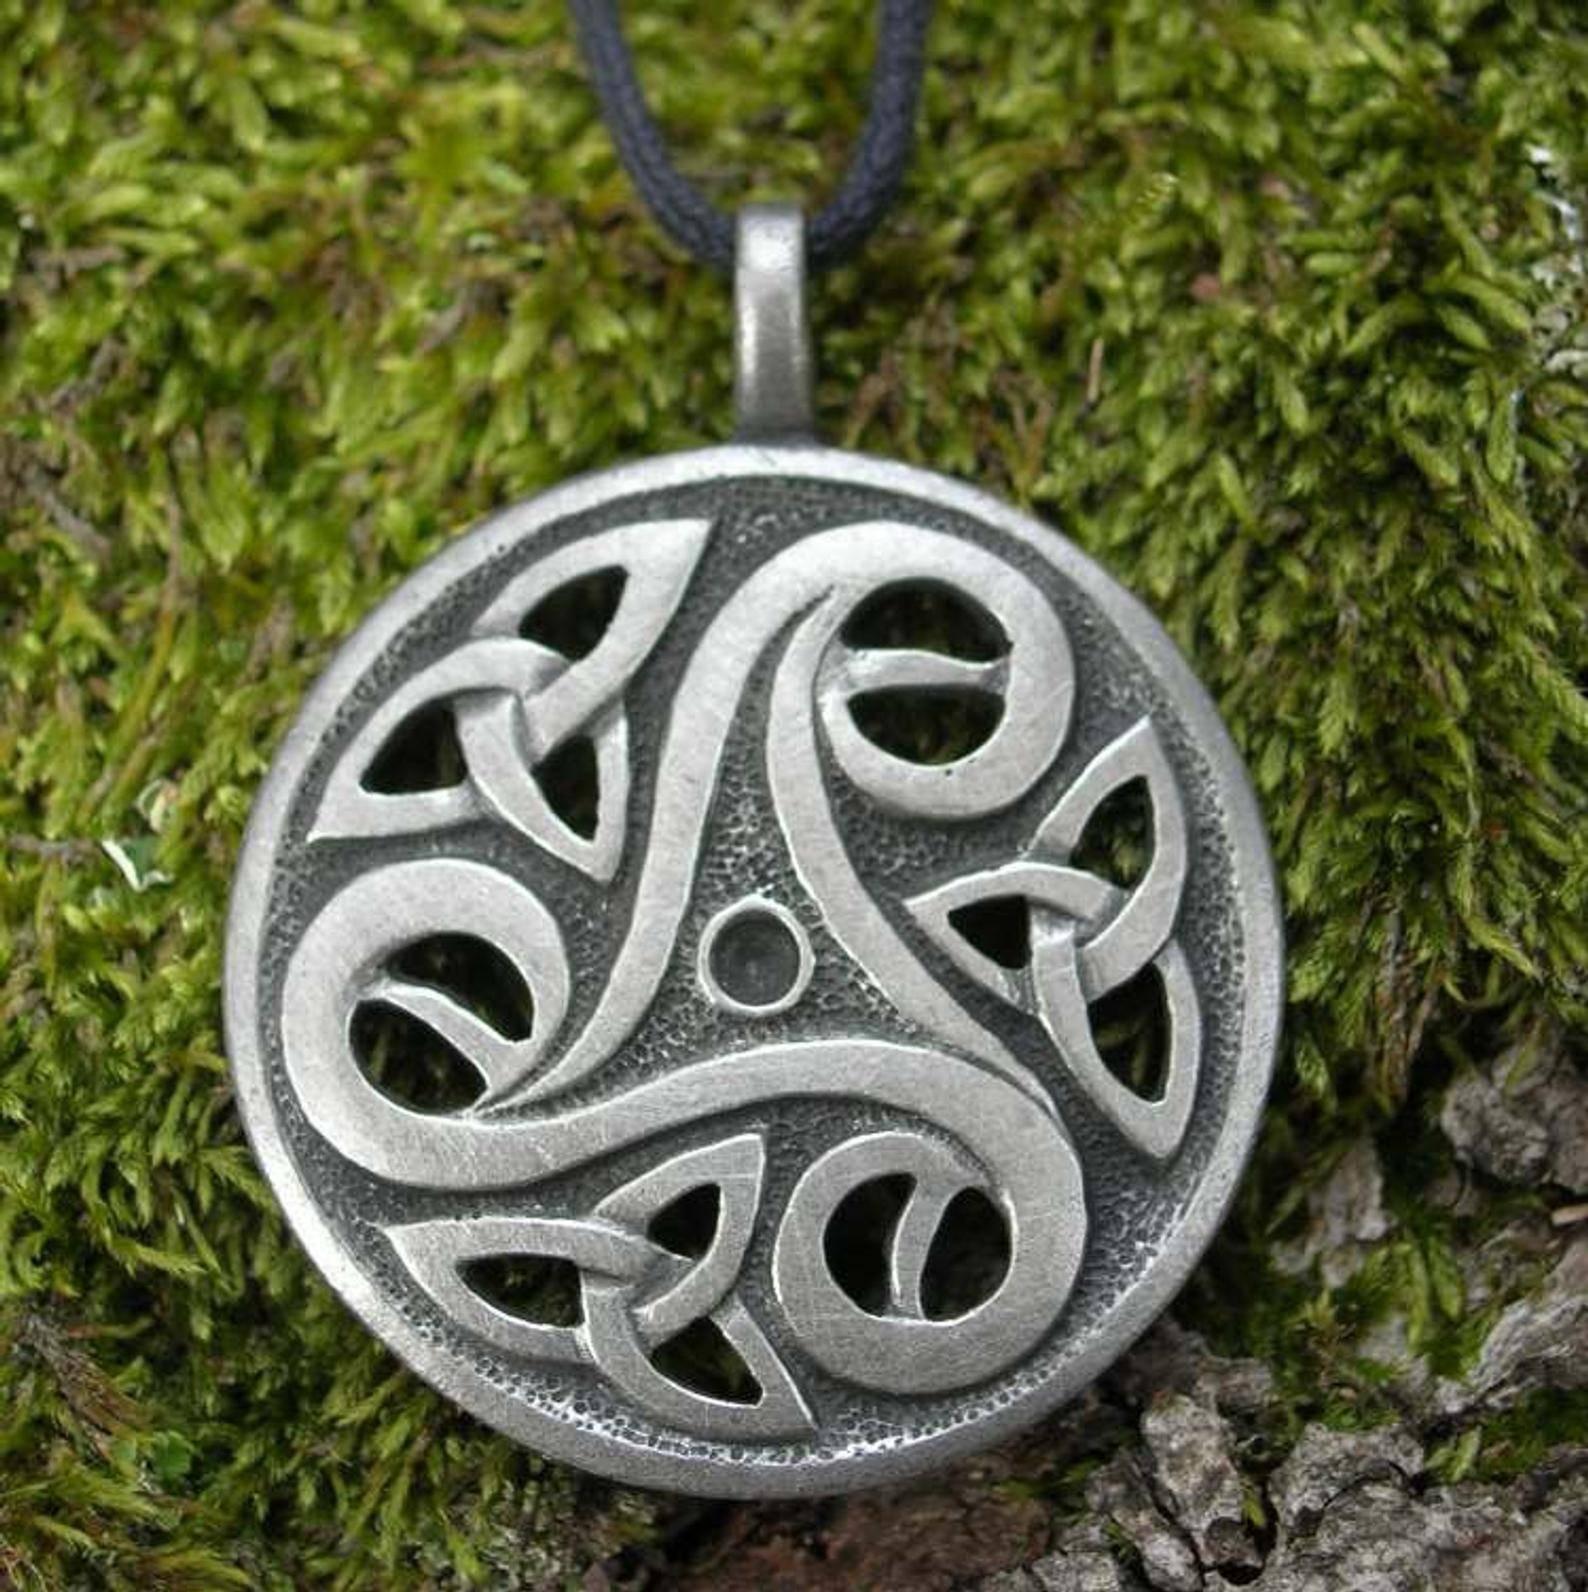 Как выглядят кельтские символы, их фото, виды и значение